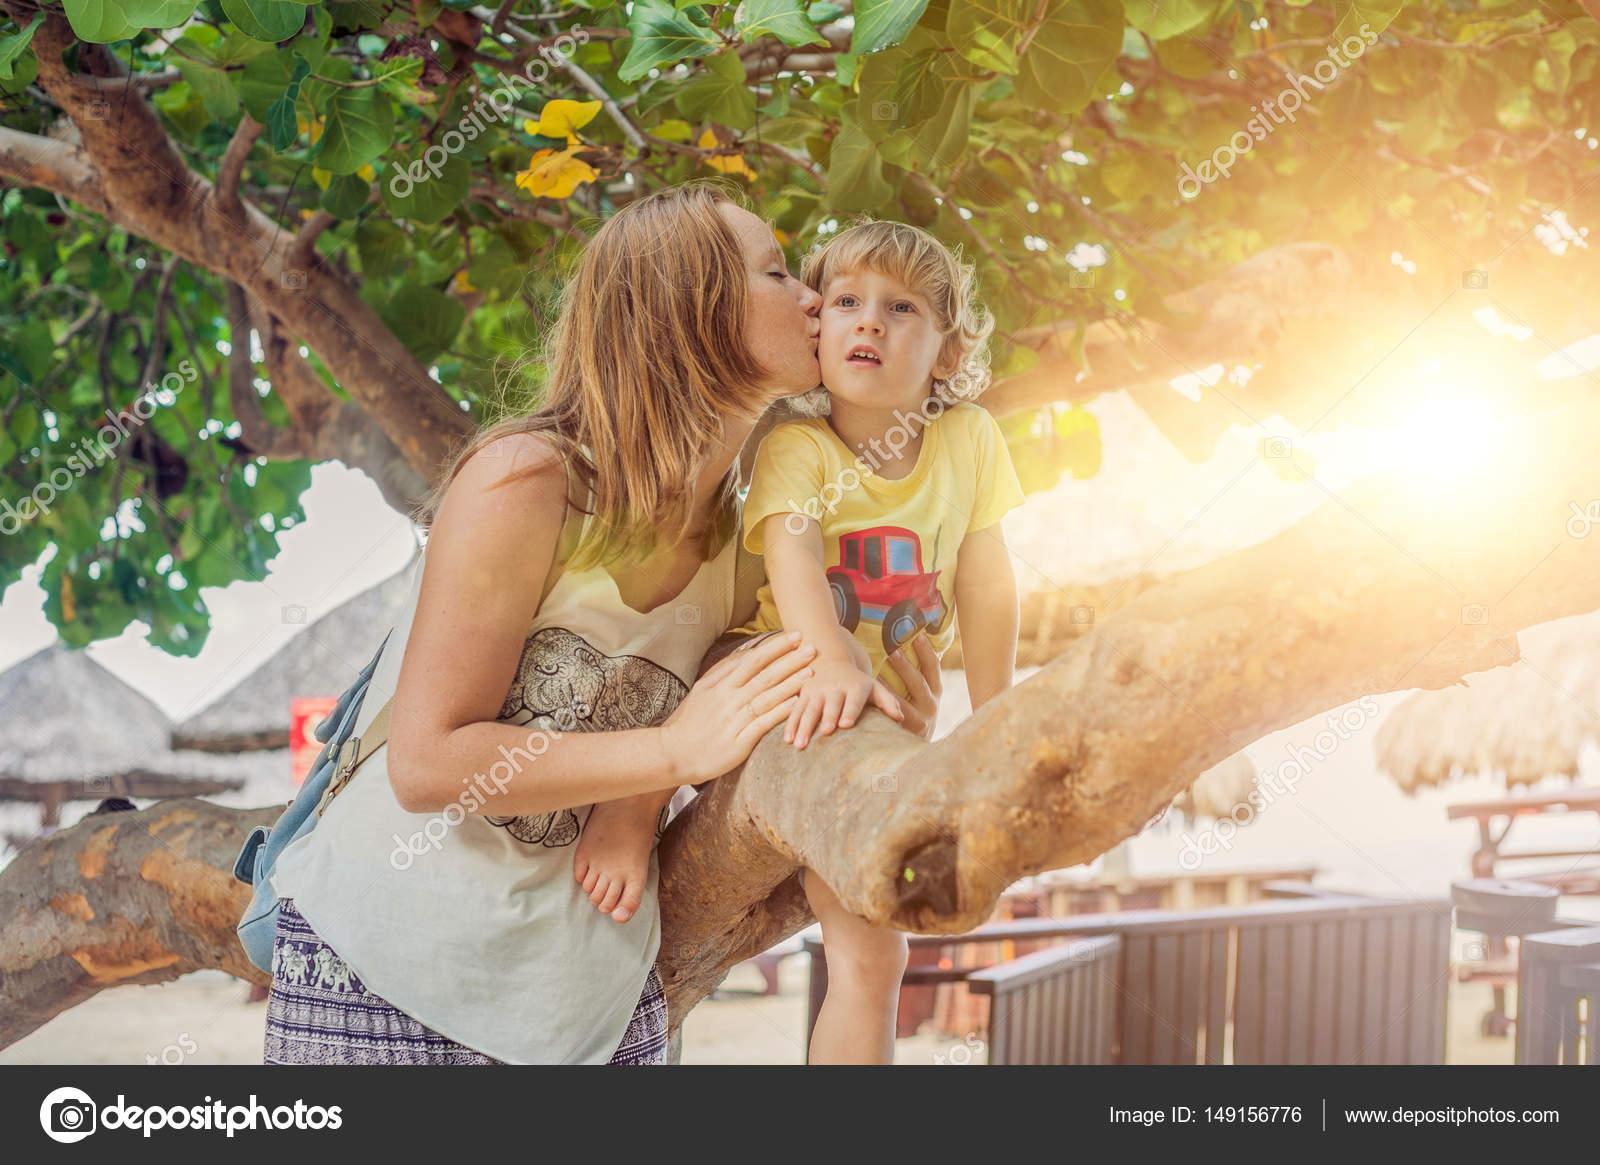 Kussen Voor Peuter : Moeder kussen haar peuter zoon u2014 stockfoto © galitskaya #149156776